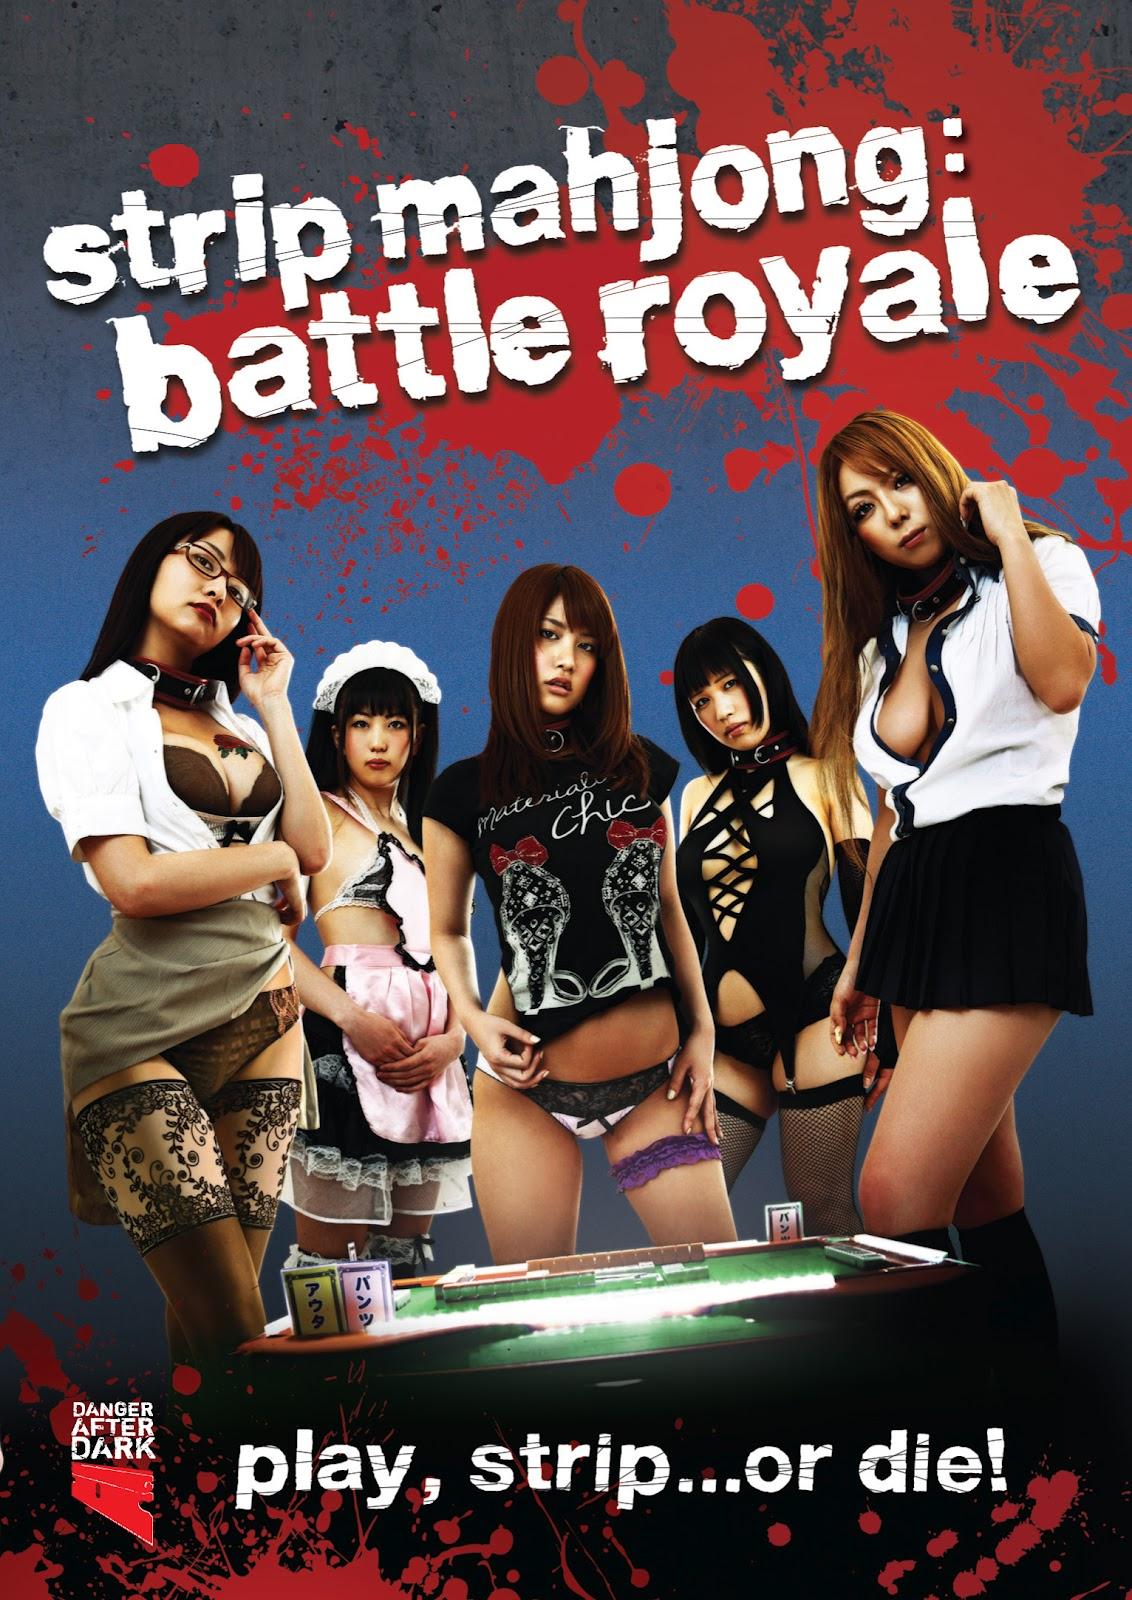 Strip Mahjong Battle Royale